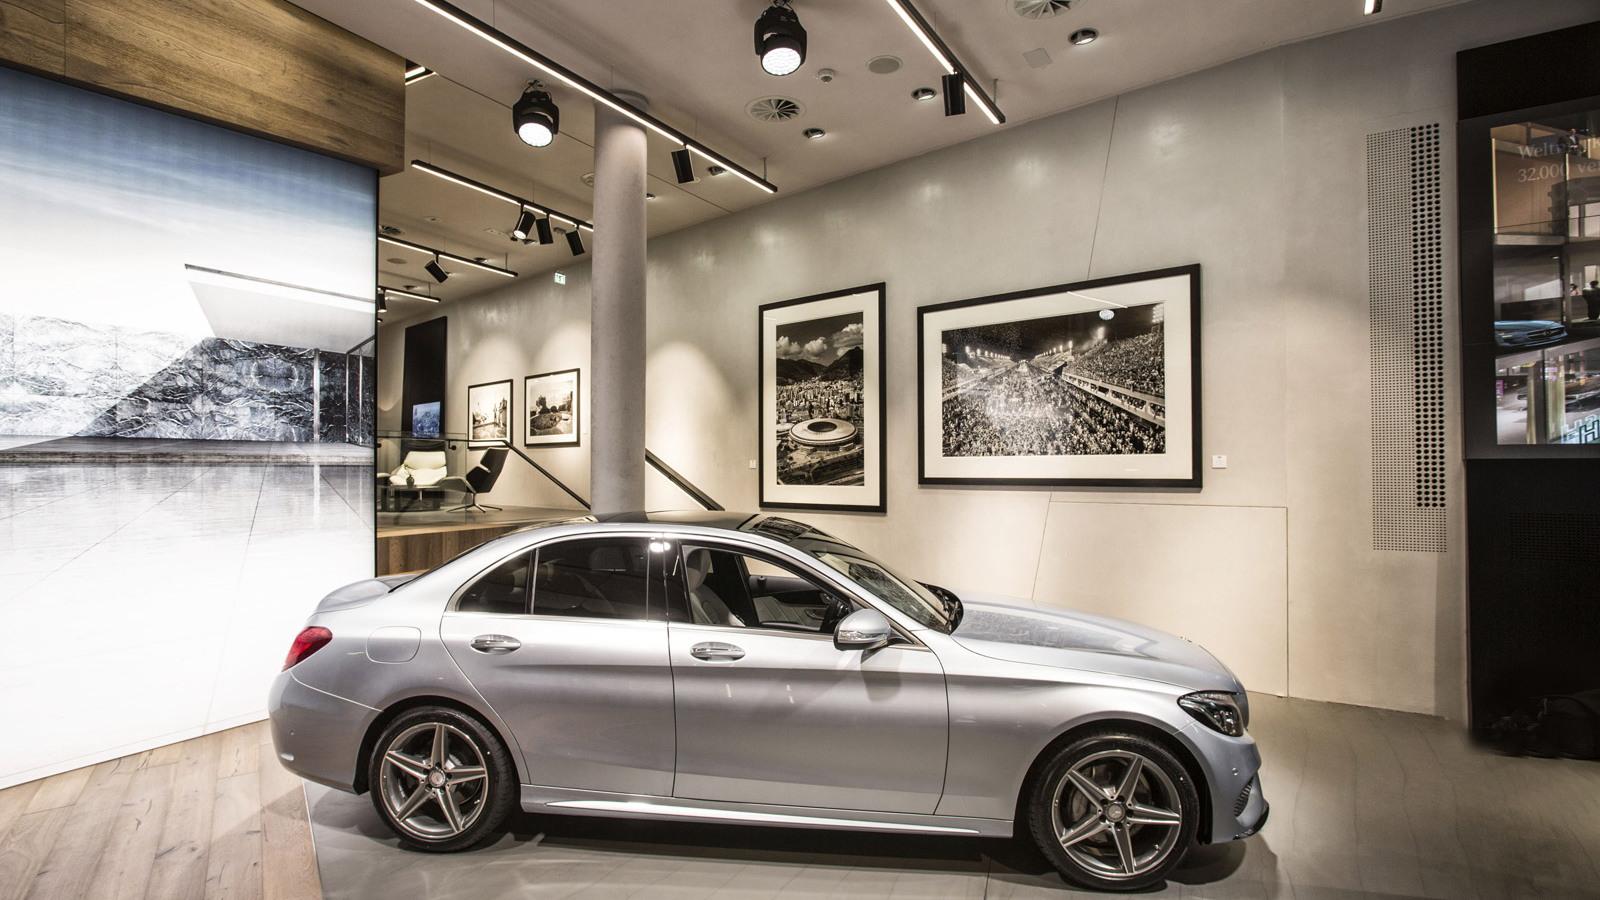 Mercedes me brand store in Hamburg, Germany